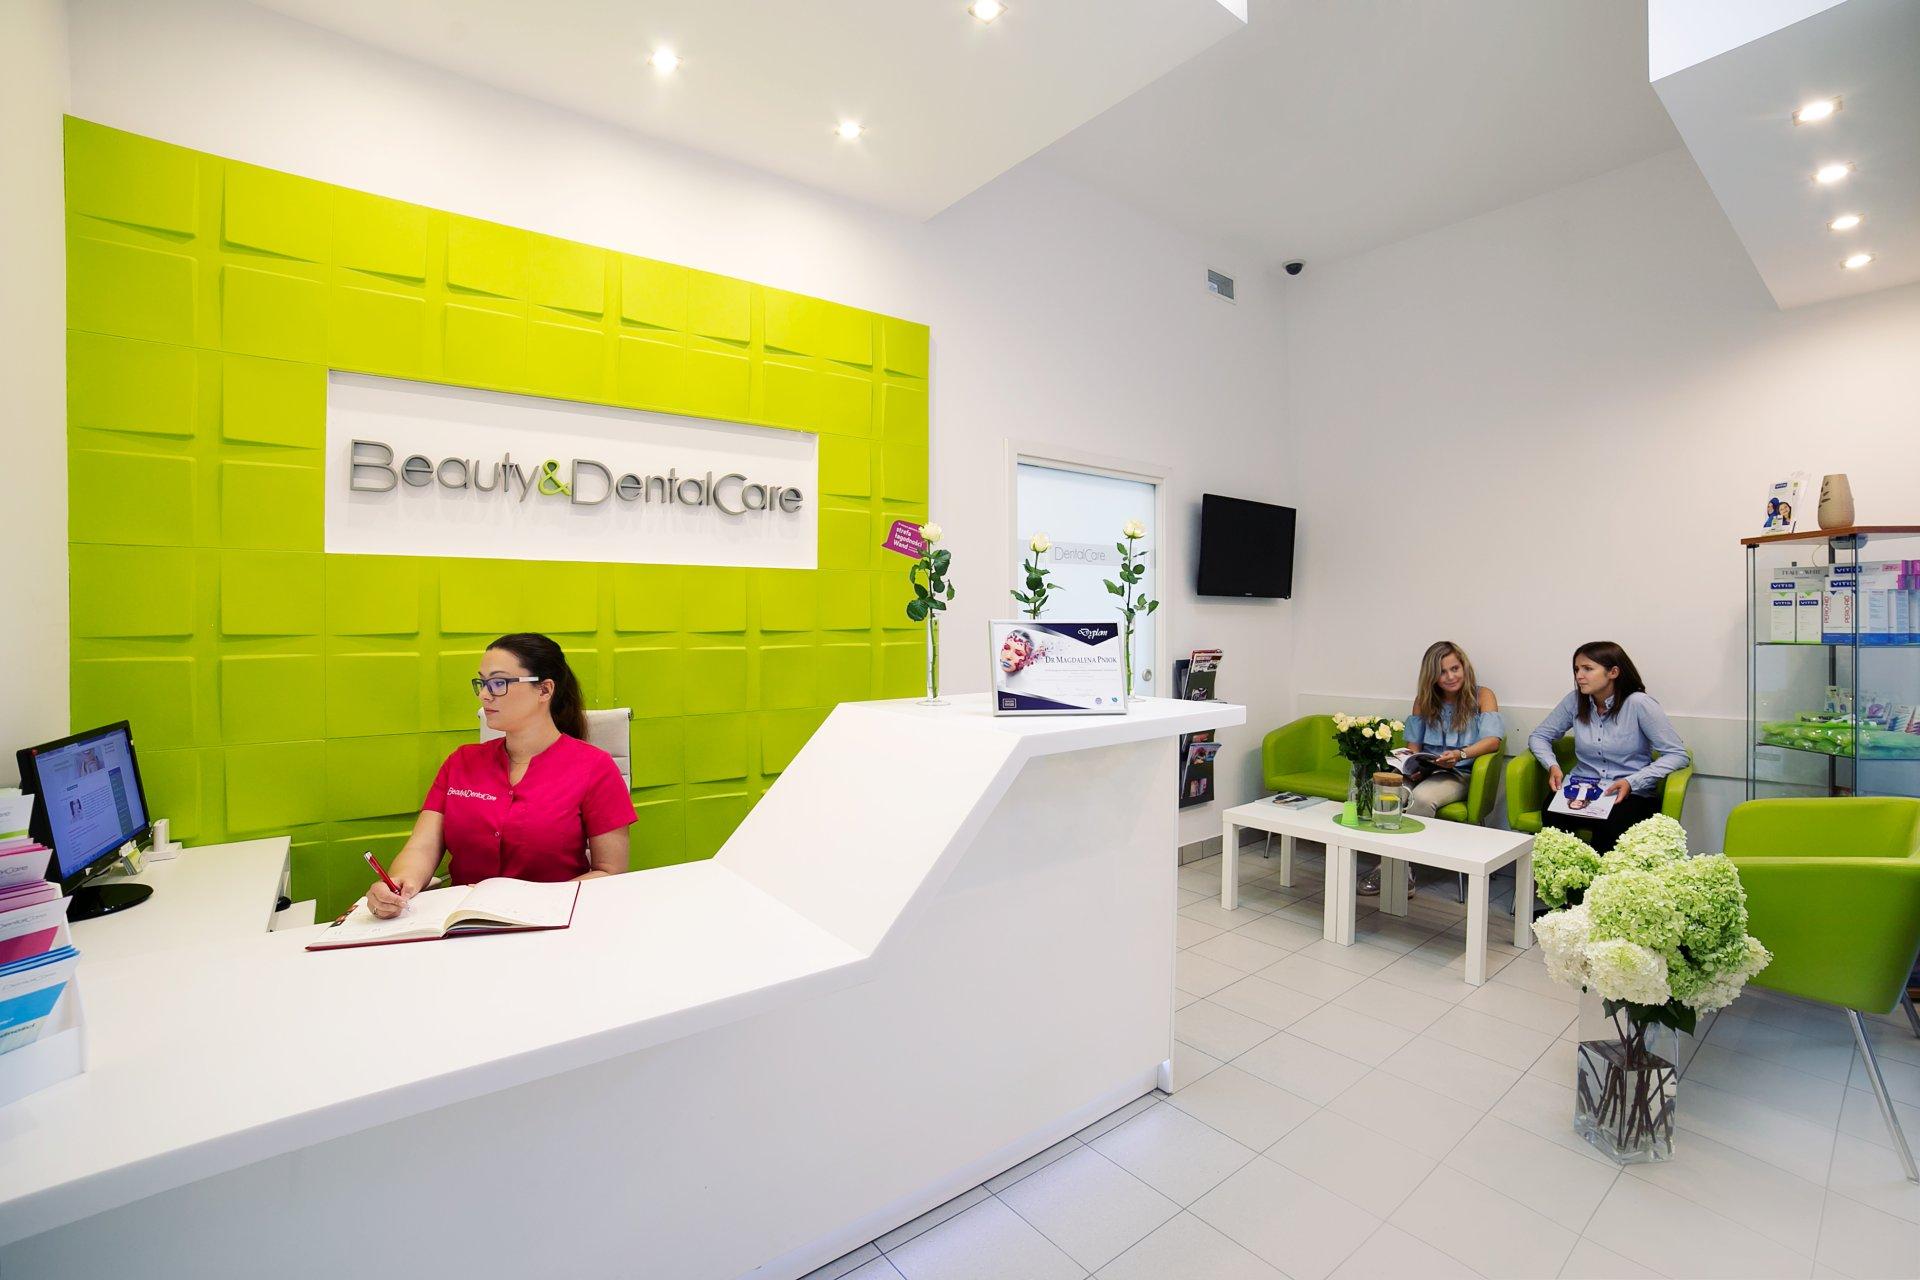 DentalCare - klinika pięknego uśmiechu